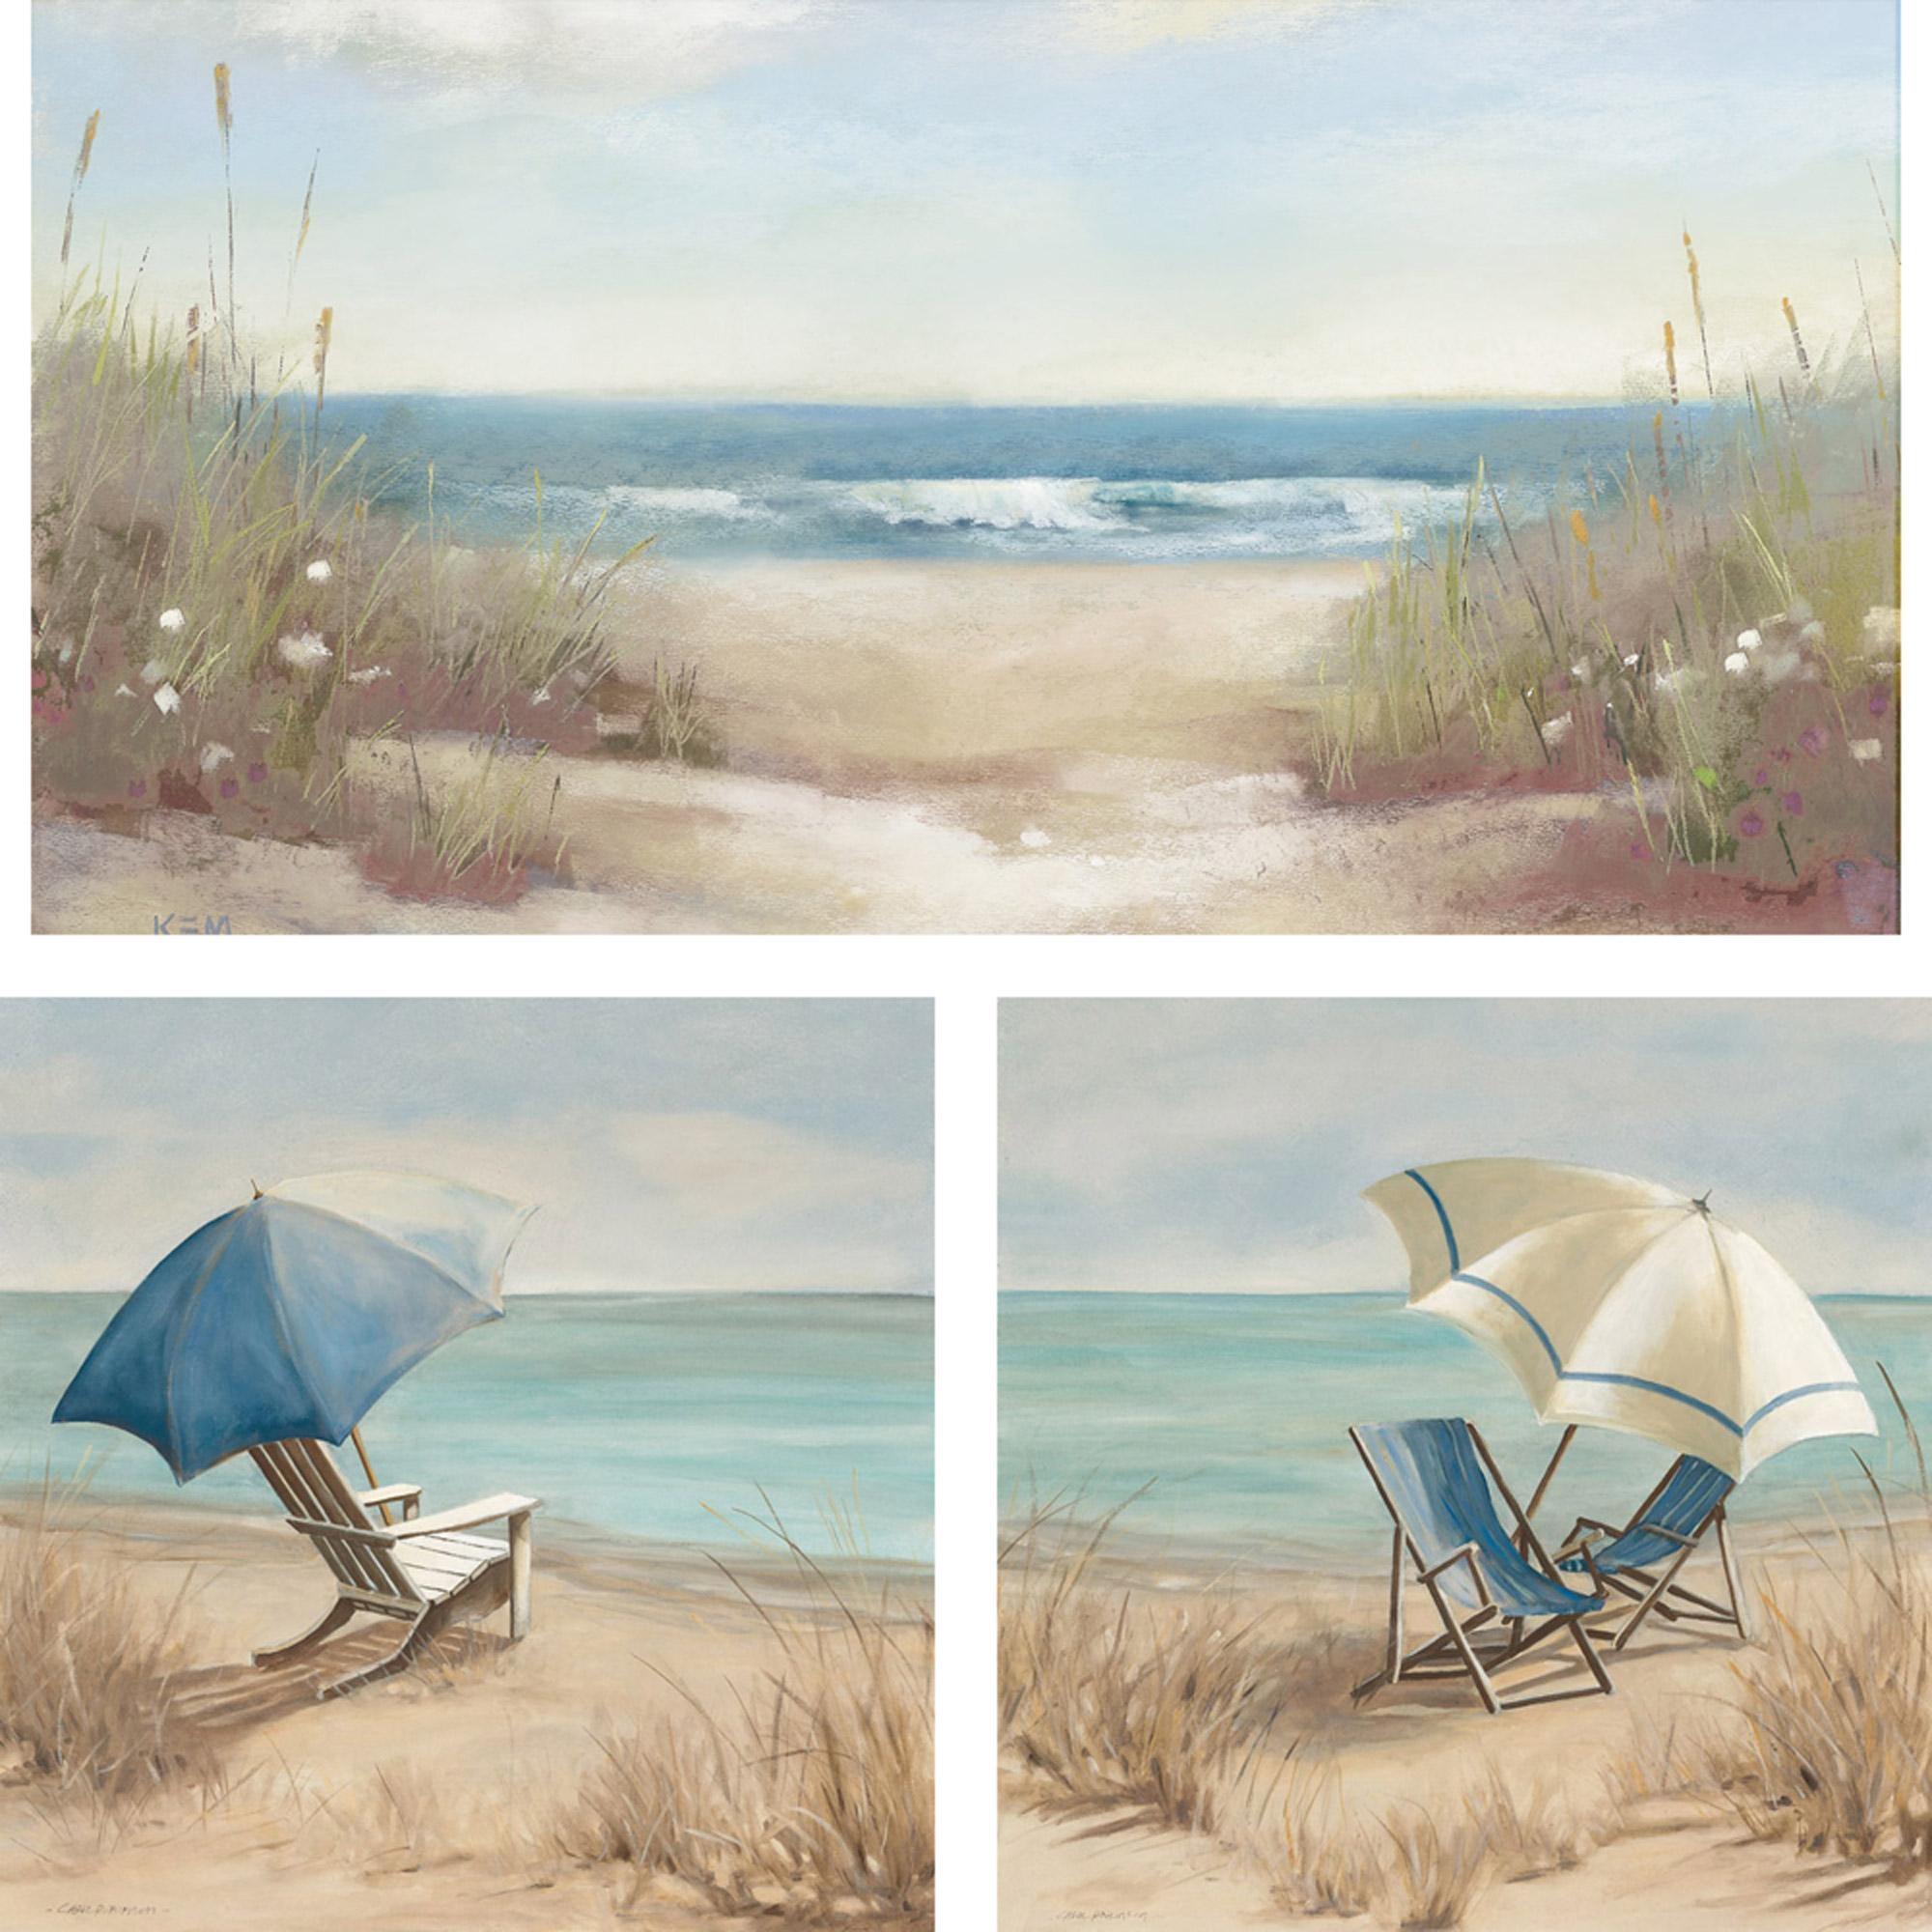 3-Piece Beach Scene Wall Art Set, 23X23 - Walmart throughout Beach Wall Art